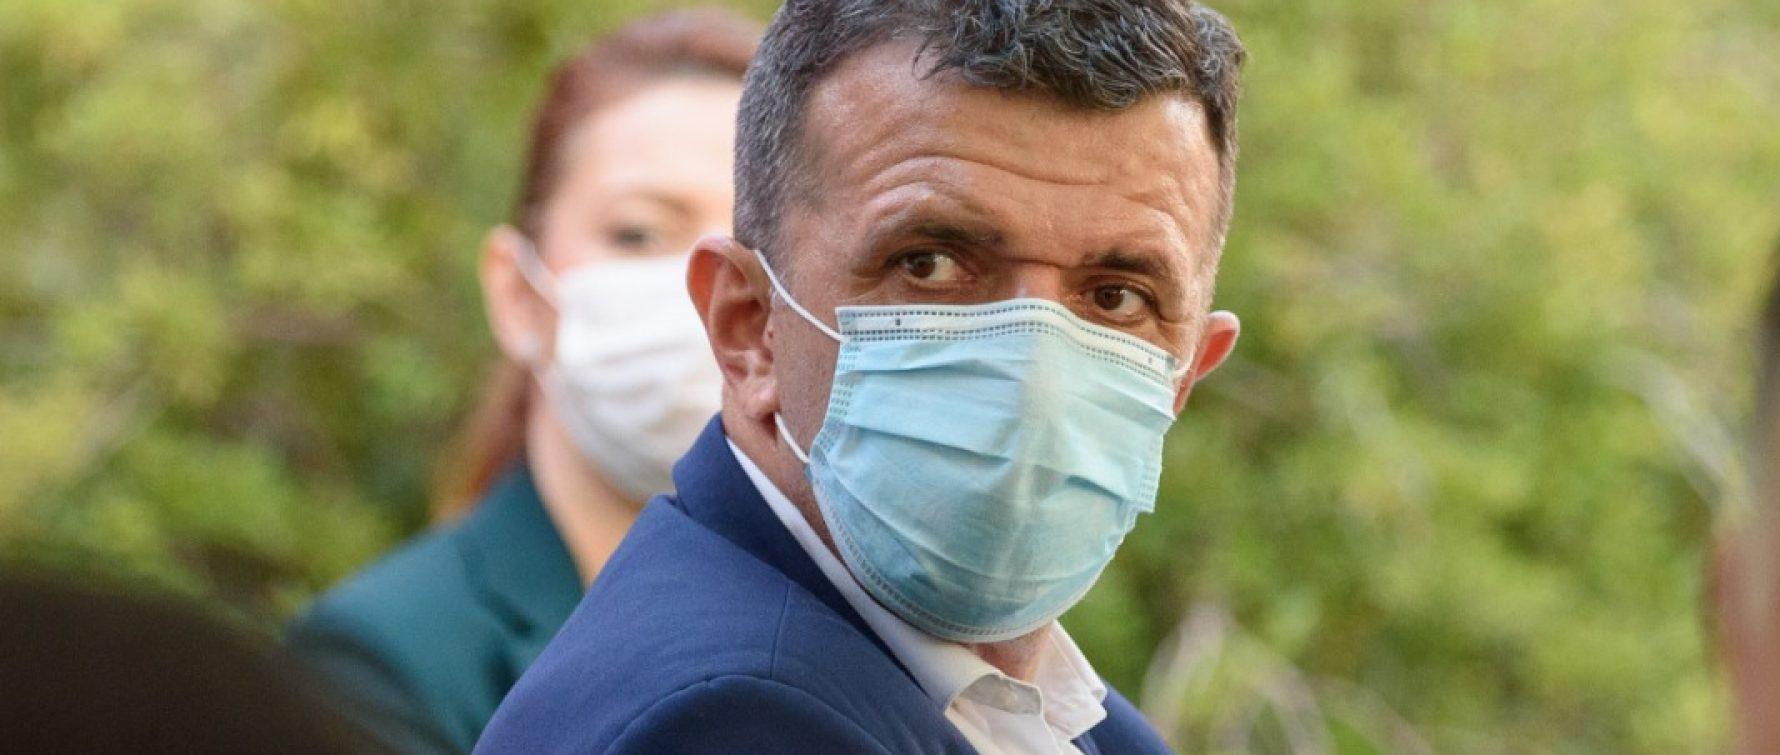 """Liviu Brătescu (PNL), candidat la Senat: """"Guvernul a atras 2,6 miliarde euro, fonduri europene. Avem cea mai mare rată de absorbție de la întrarea în UE"""""""